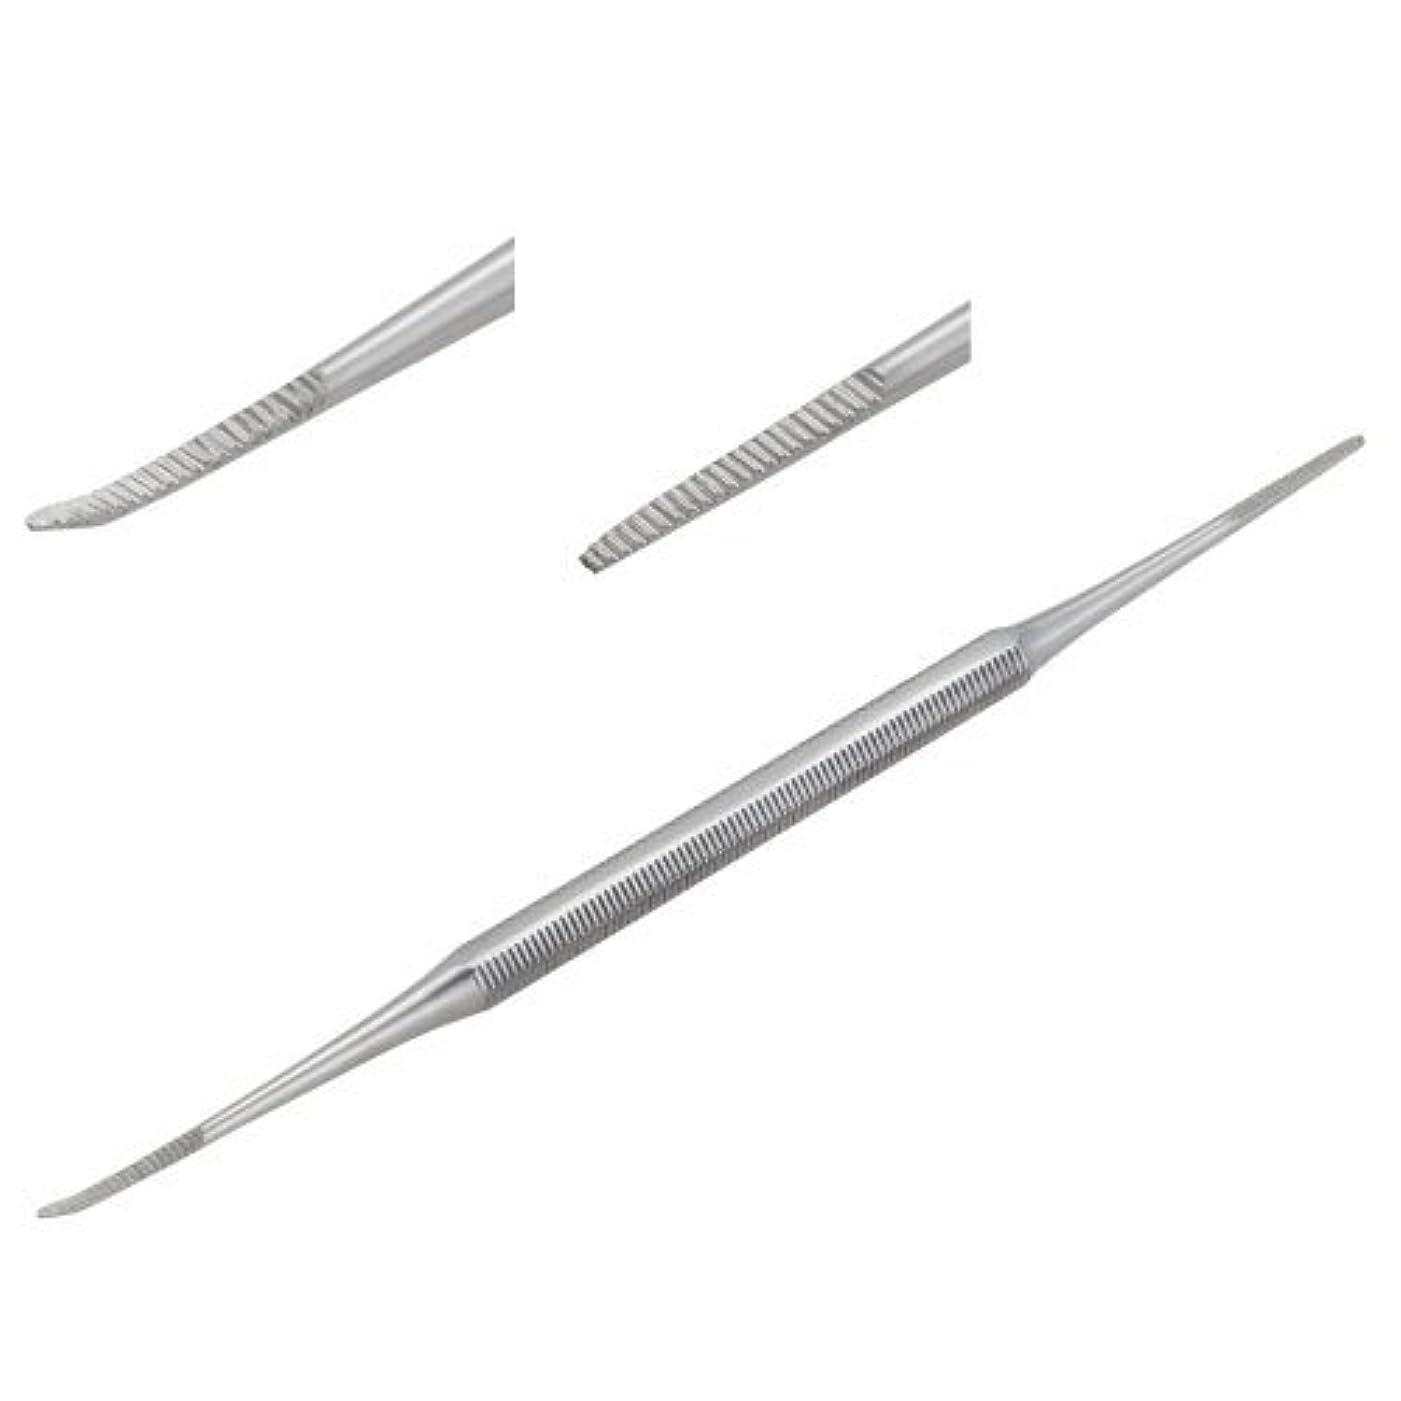 付添人増強するポーズ巻き爪用ヤスリ HC-2015 サイズ:W5×L150×H5mm